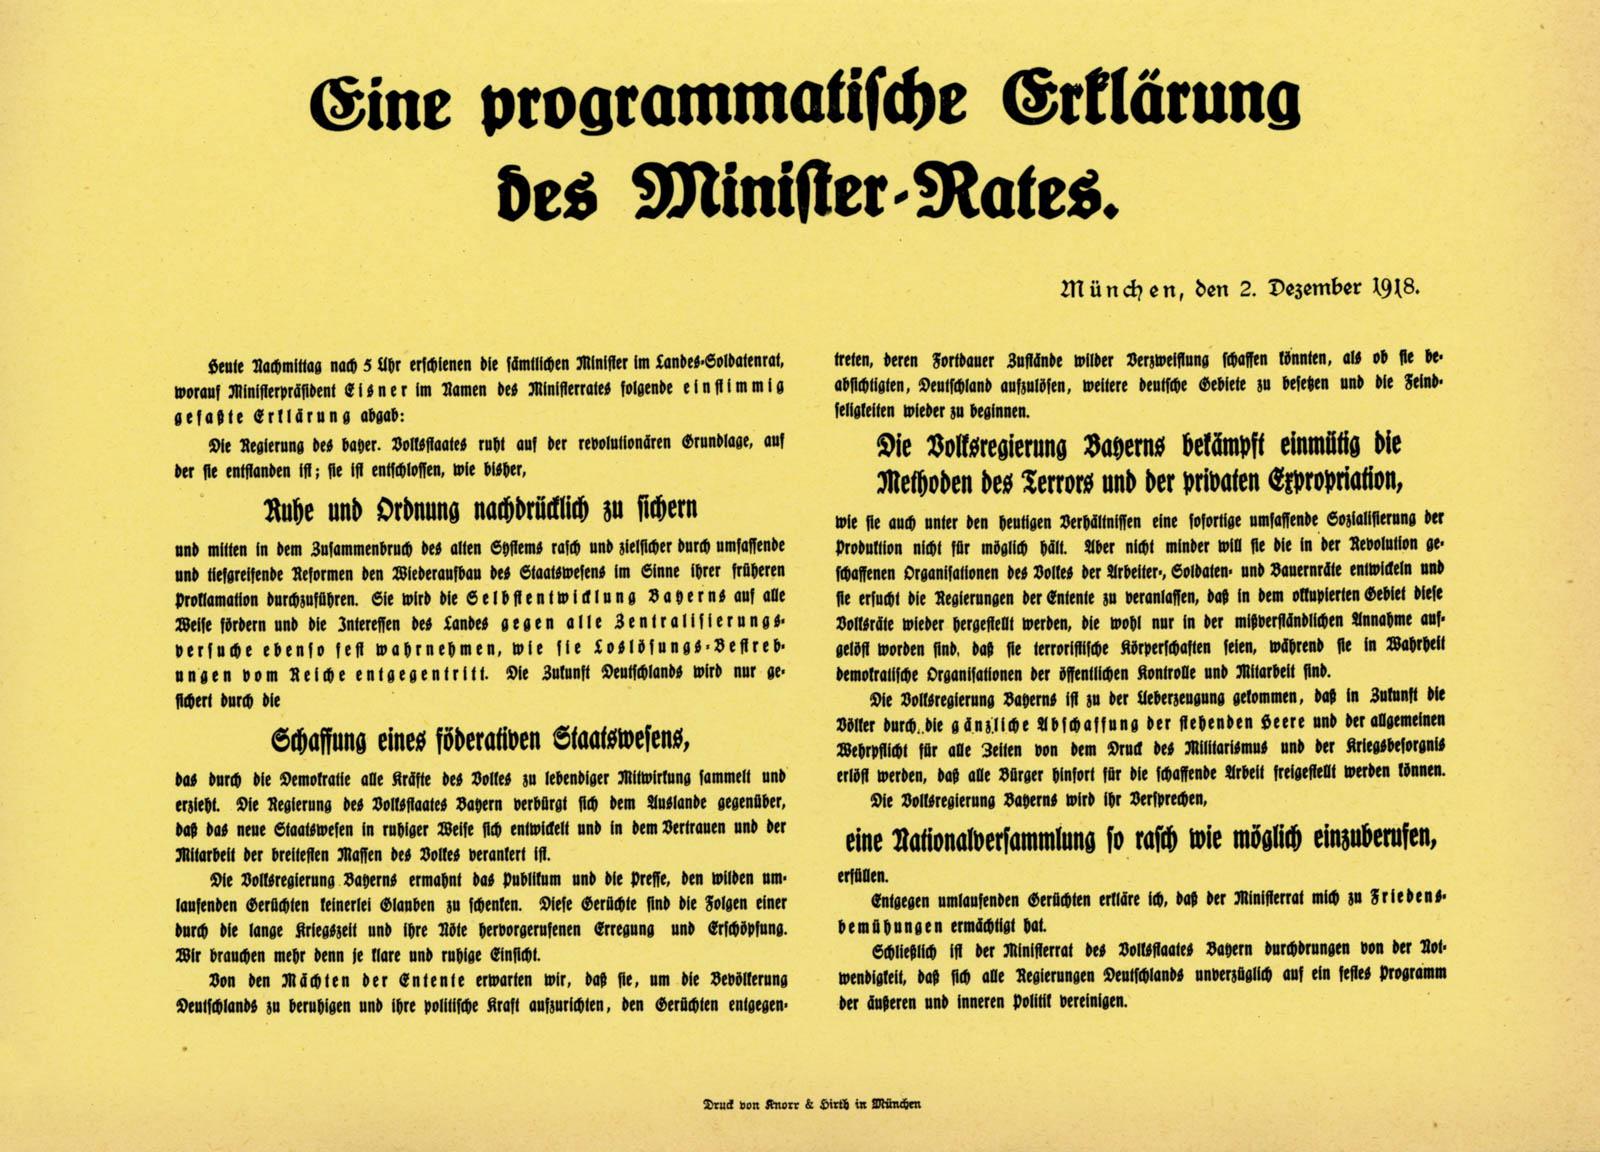 Eine programmatische Erklärung des Minister-Rates.